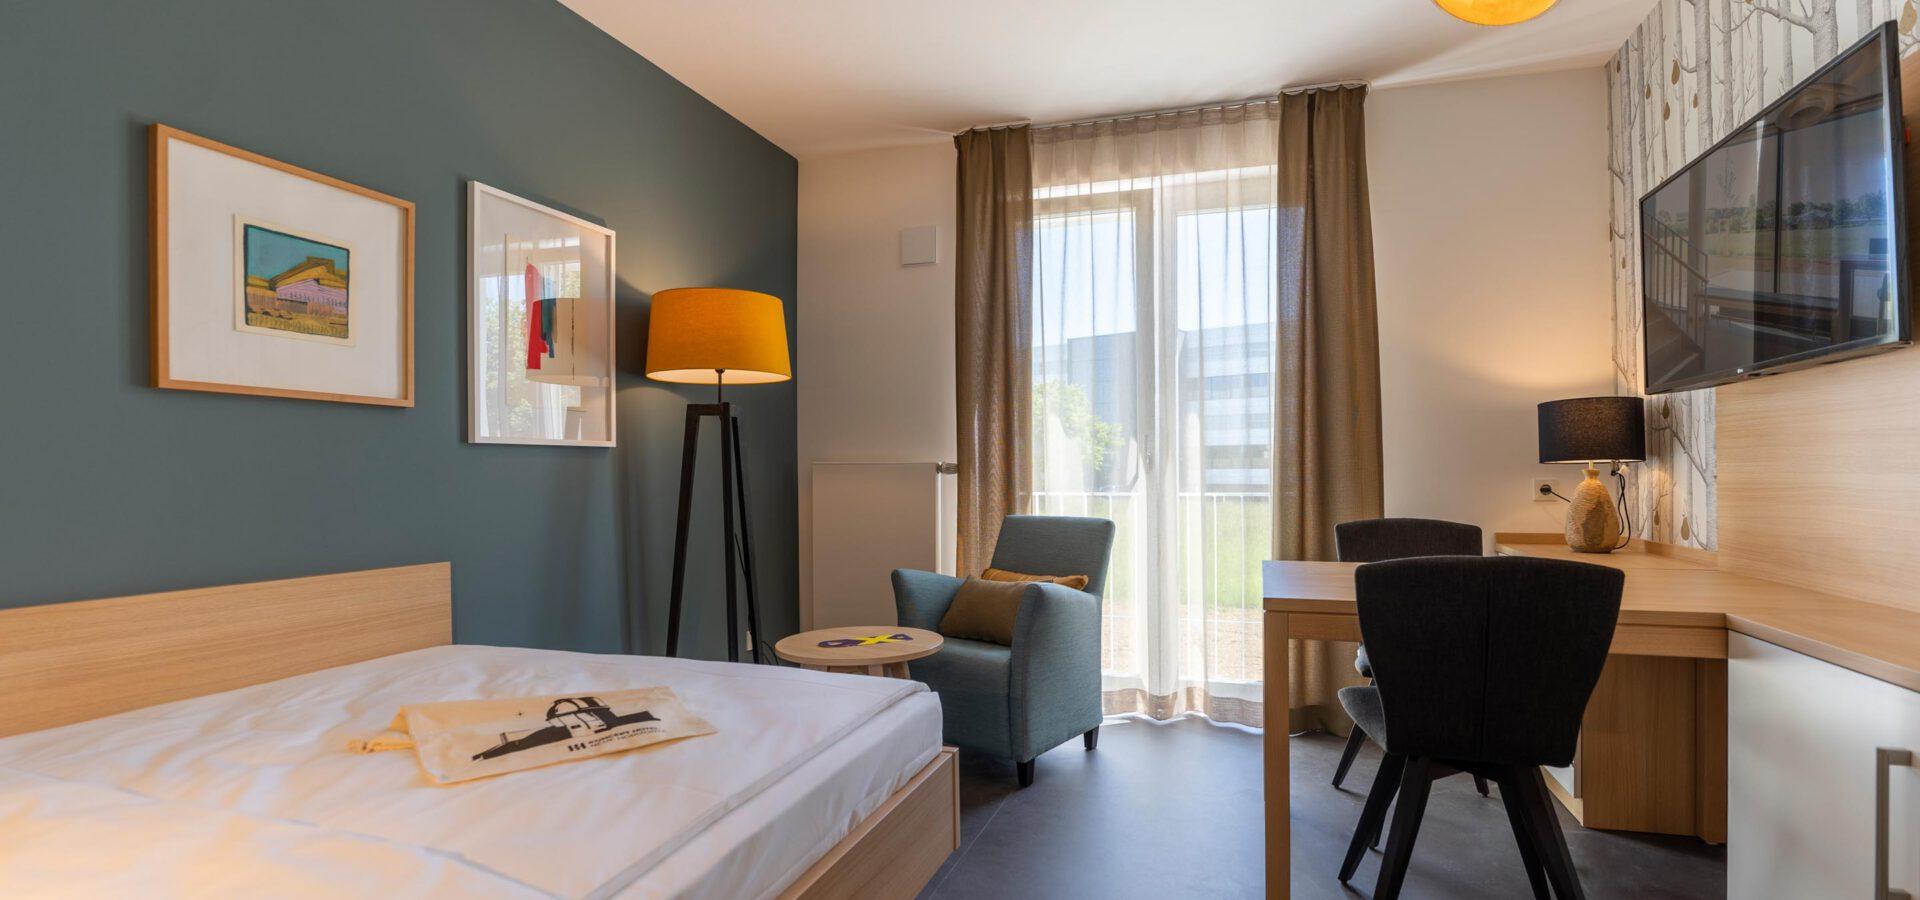 MEDIUM Zimmer im Koncept Hotel Neue Horizonte in Tübingen Cyber Valley